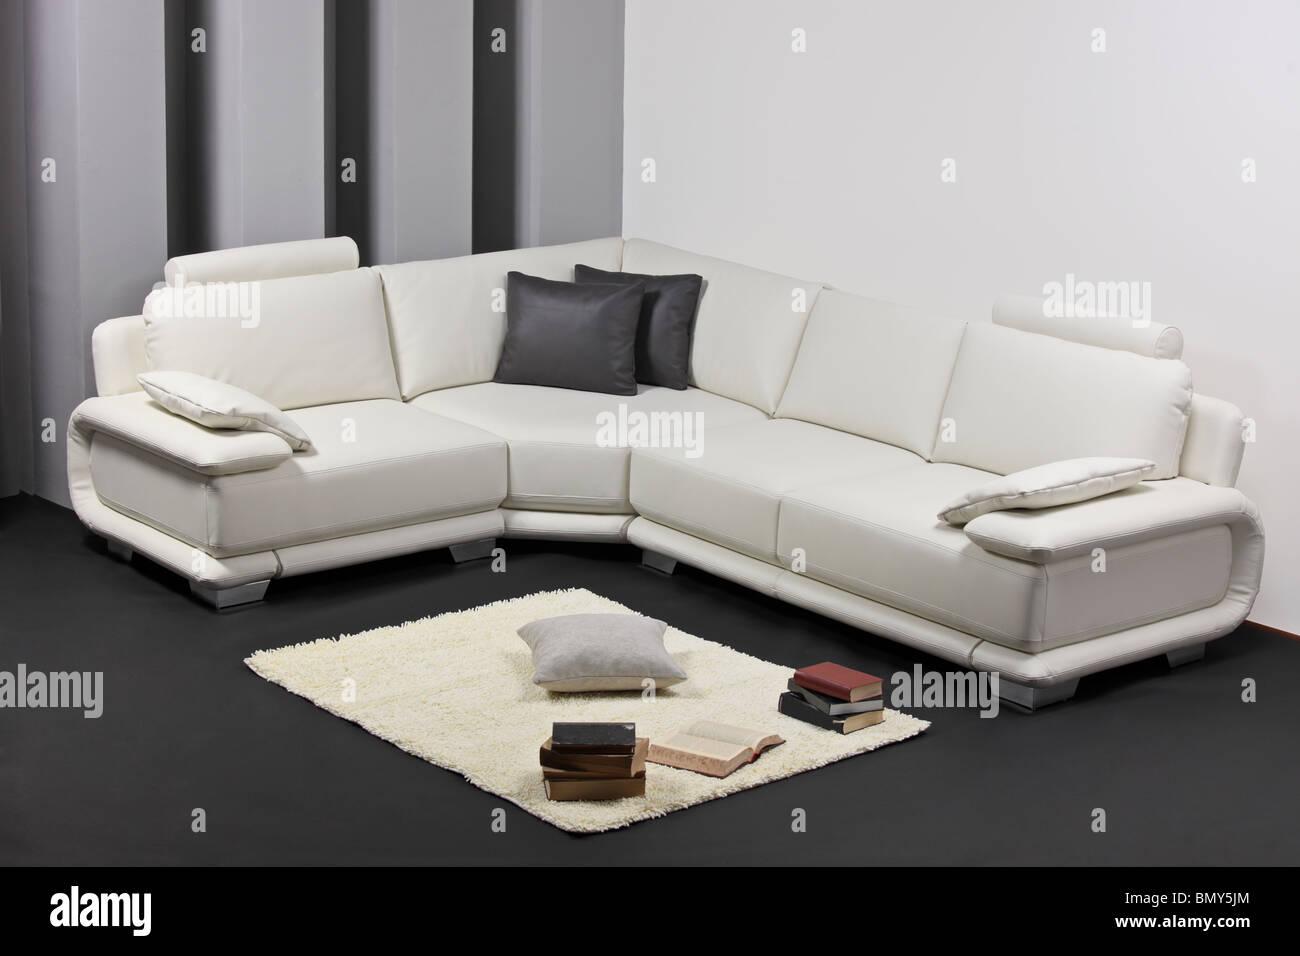 Un salón minimalista moderno con muebles Imagen De Stock